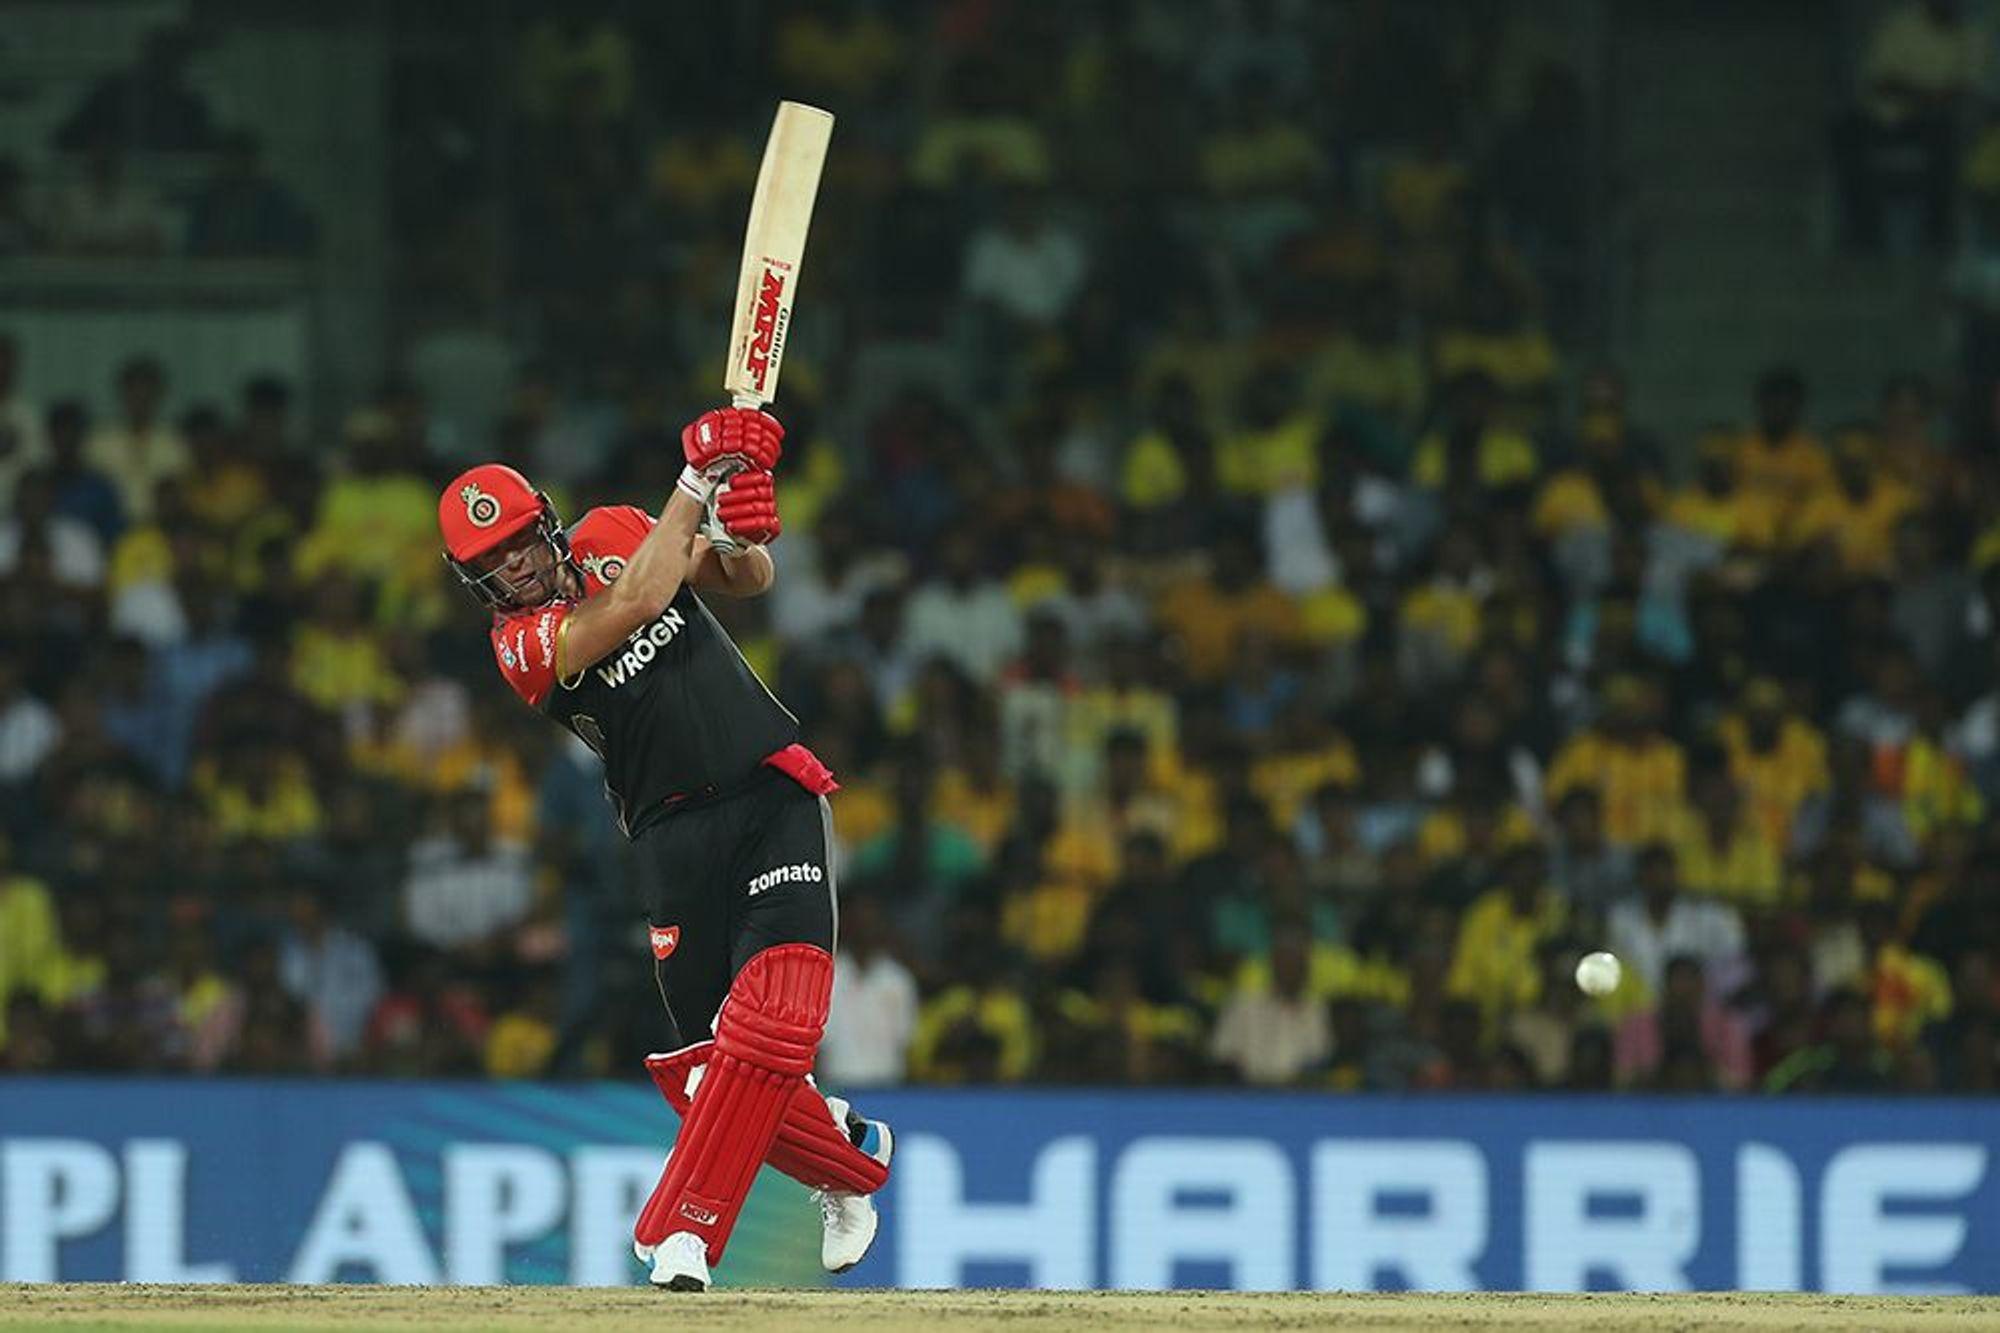 रॉयल चैलेंजर्स बैंगलोर के धाकड़ खिलाड़ी एबी डीविलियर्स भी इस मैच में एक खास रिकॉर्ड अपने नाम कर सकते हैं. वह 38 रन बनाने के साथ आईपीएल में 4000 प्लस रन बनाने वाले 10वें खिलाड़ी बन जाएंगे. अब तक सुरेश रैना, विराट कोहली, रोहित शर्मा, गौतम गंभीर, रॉबिन उथप्पा, शिखर धवन, डेविड वॉर्नर, क्रिस गेल और महेंद्र सिंह धोनी आईपीएल में ऐसा कर चुके हैं.